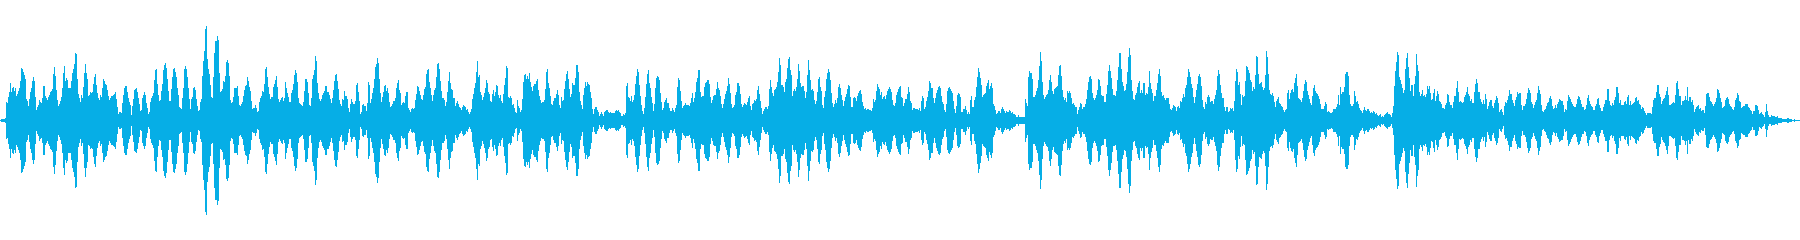 (お経)の再生済みの波形